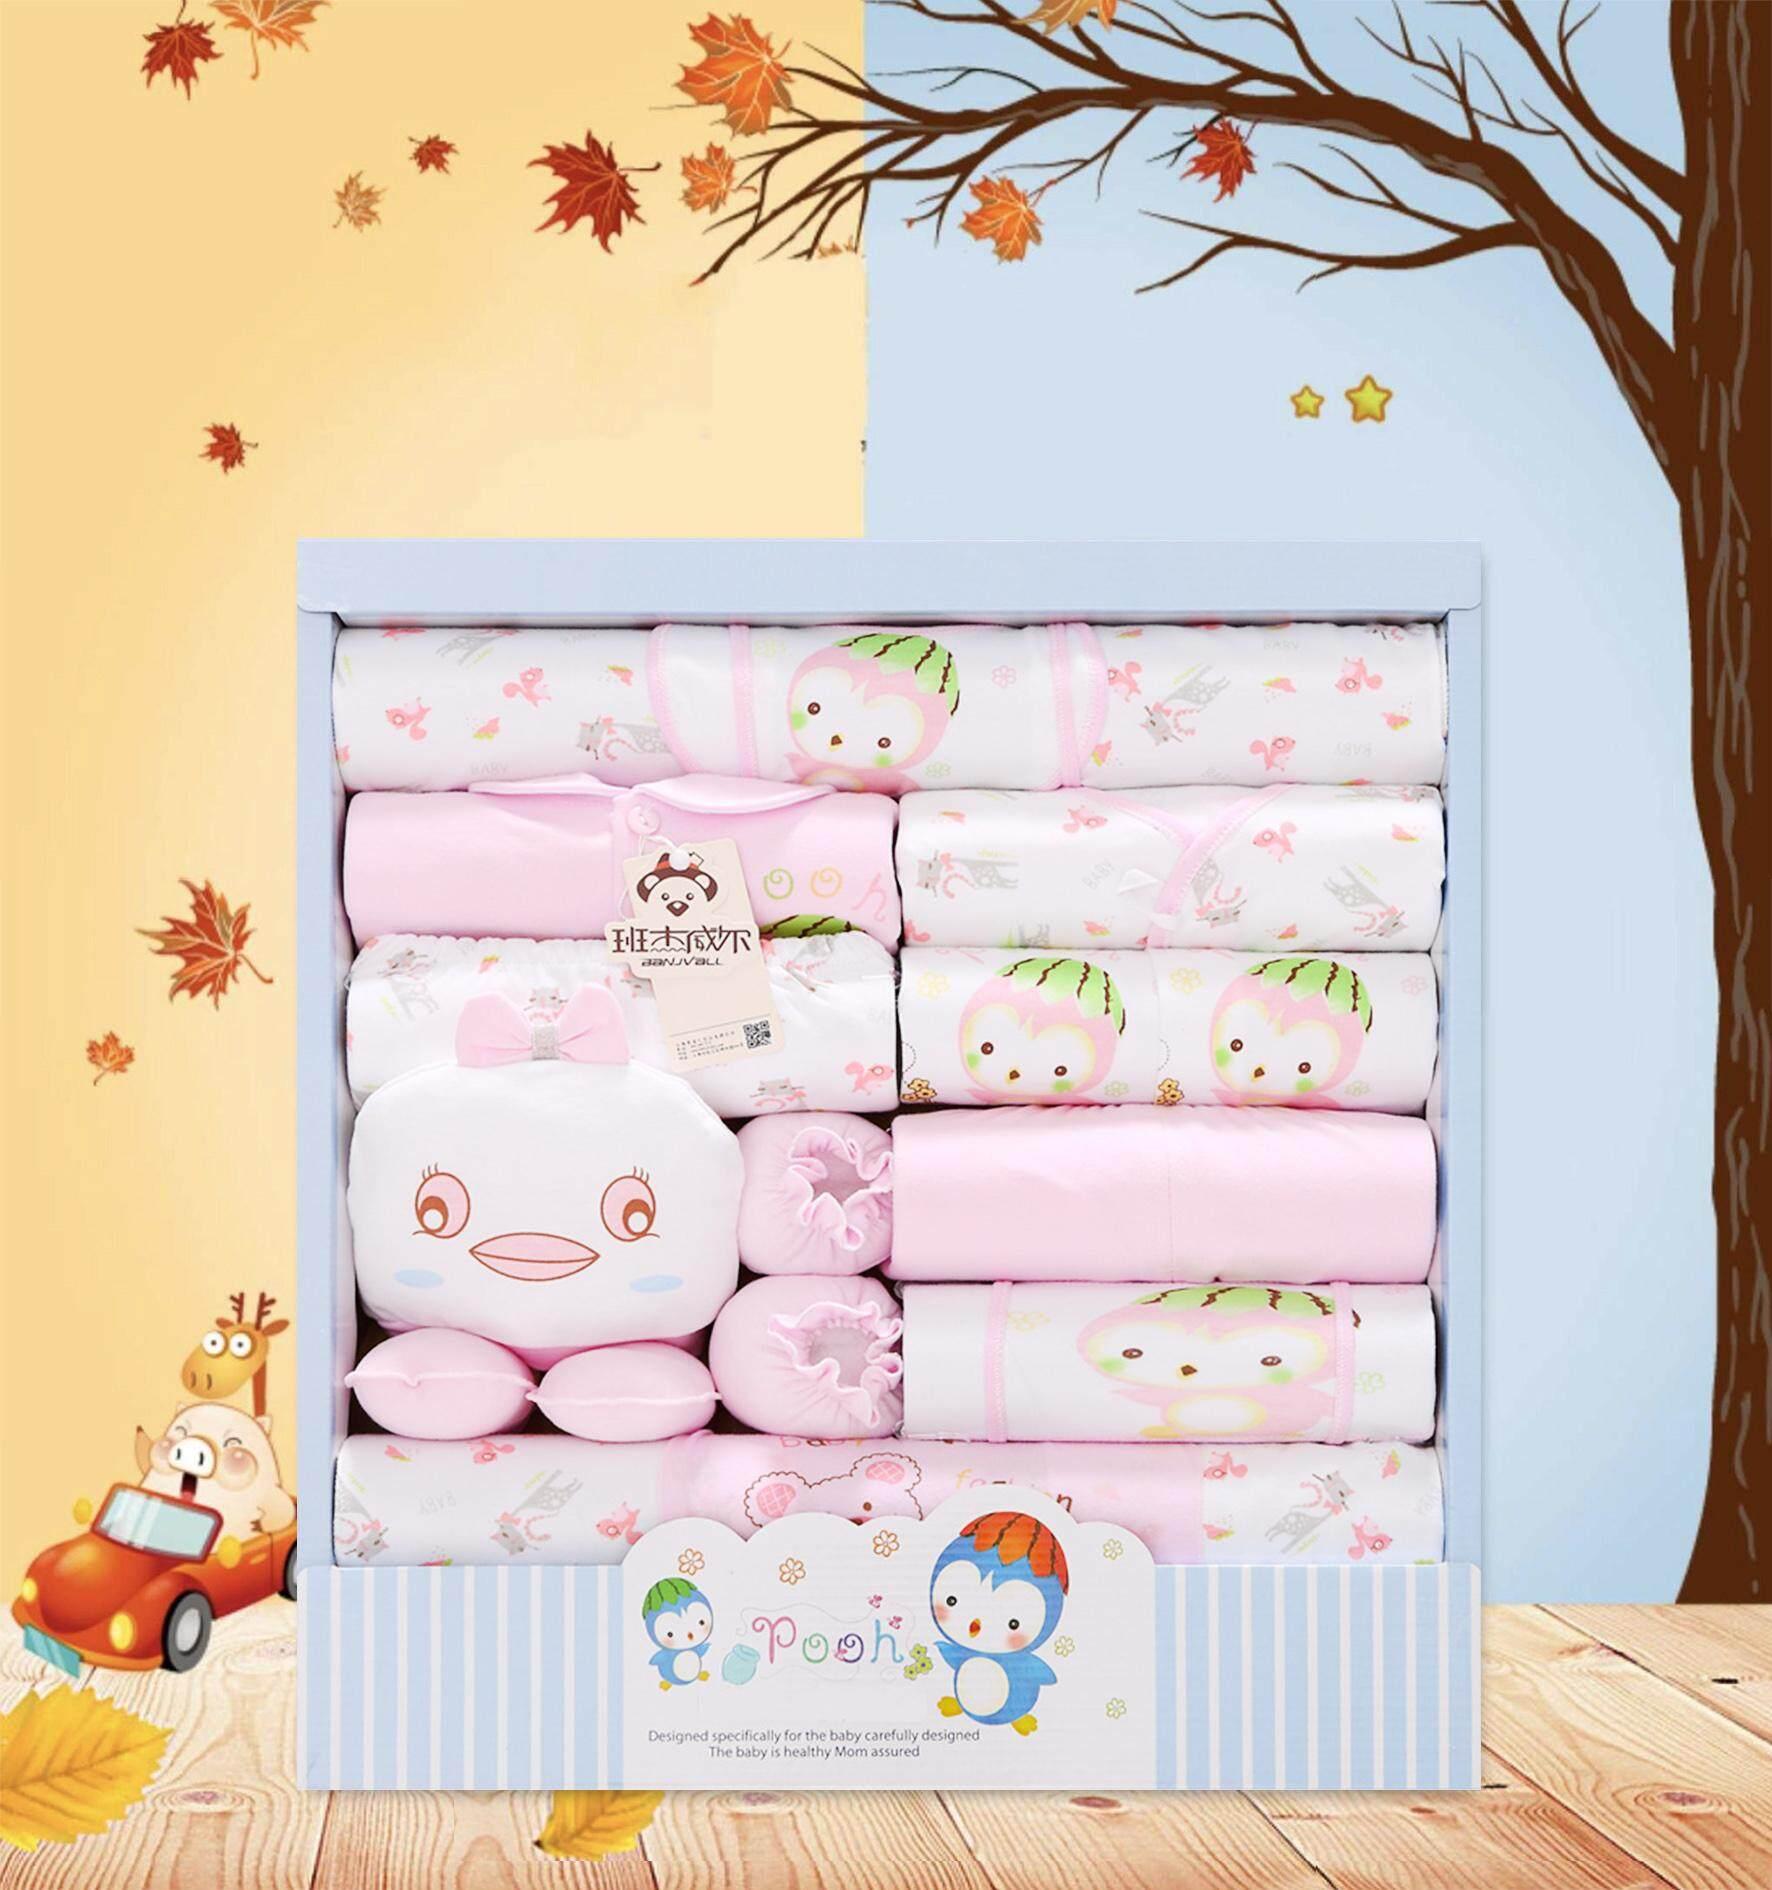 โปรโมชั่น Baby ชุดของขวัญสำหรับเด็กอ่อน 18 ชิ้น เพนกวีน หนาพิเศษ(แพ็คกล่องตามรูป100%)